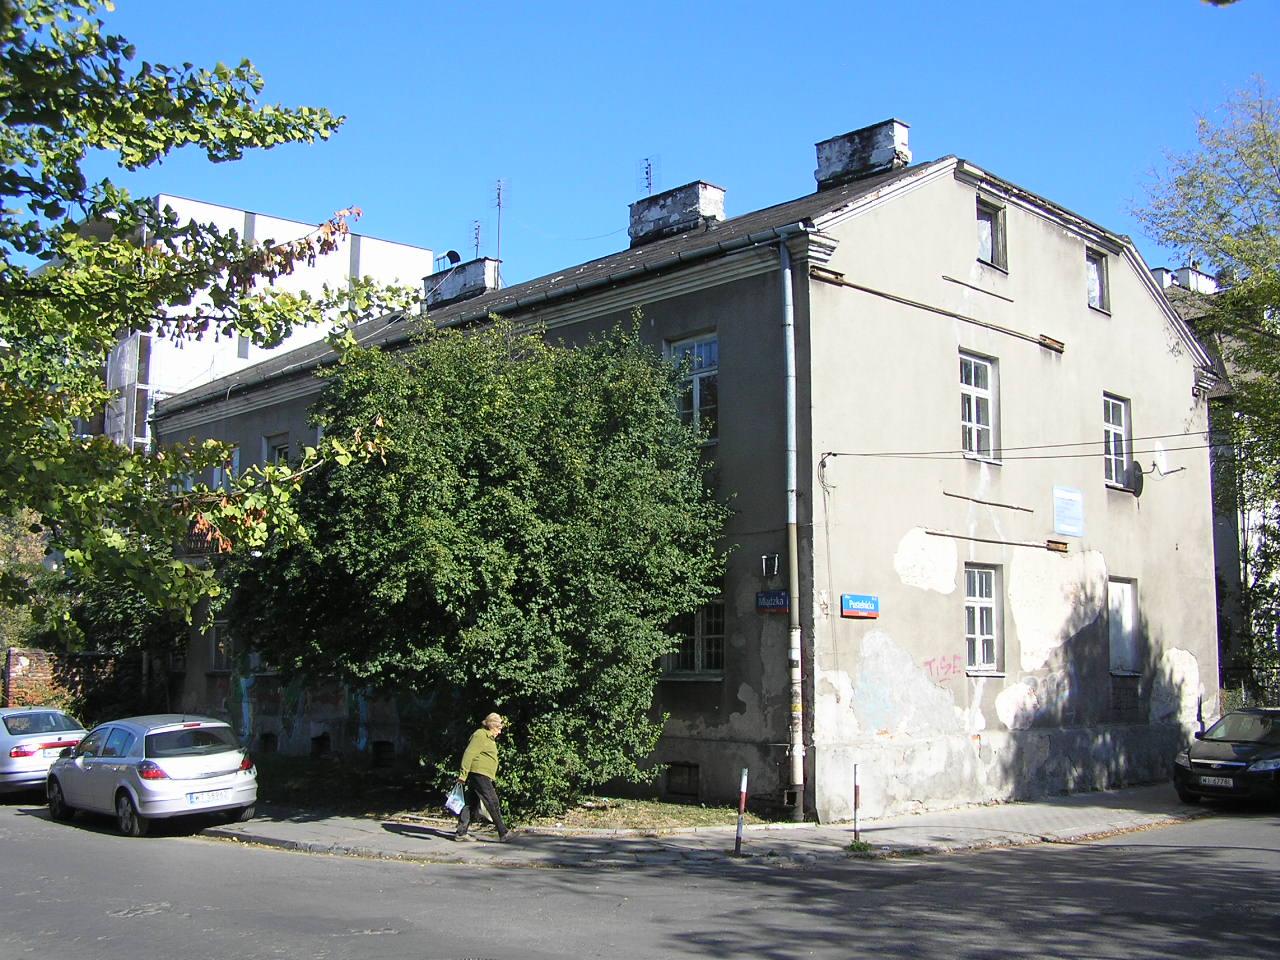 Kamienica przy ulicy Mlądzkiej 44 na Grochowie